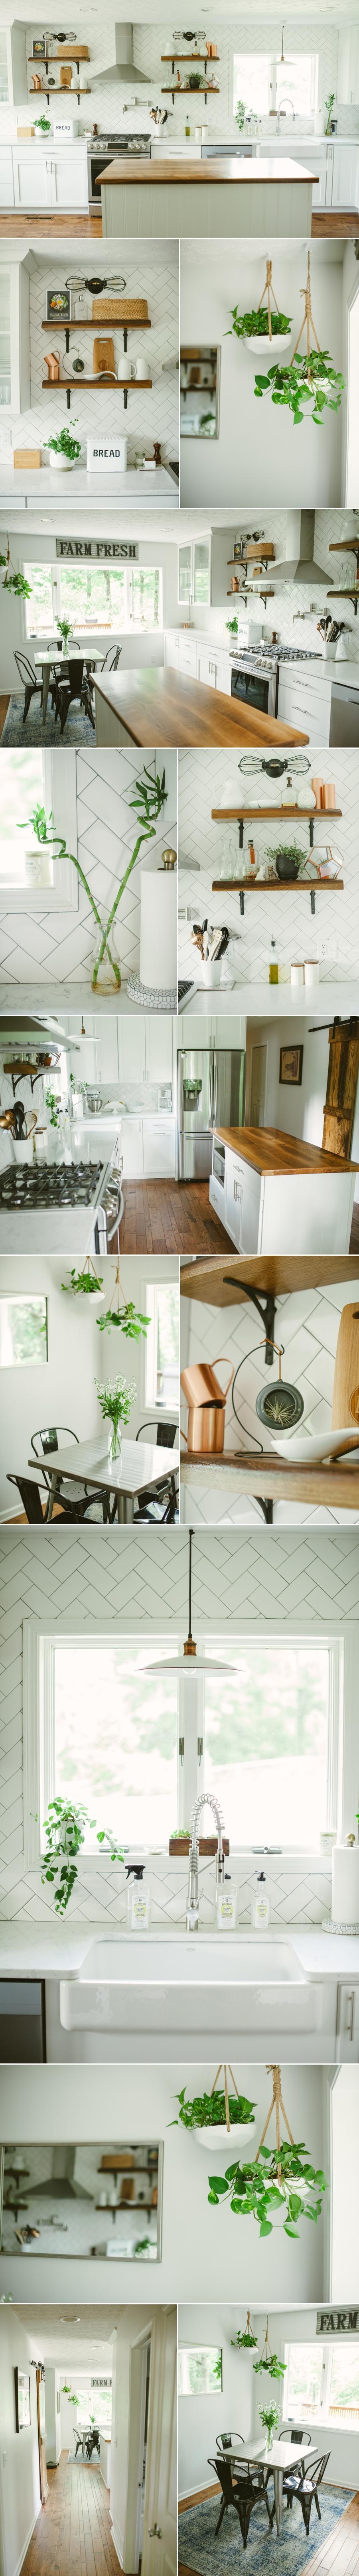 KitchenReno+3.jpg